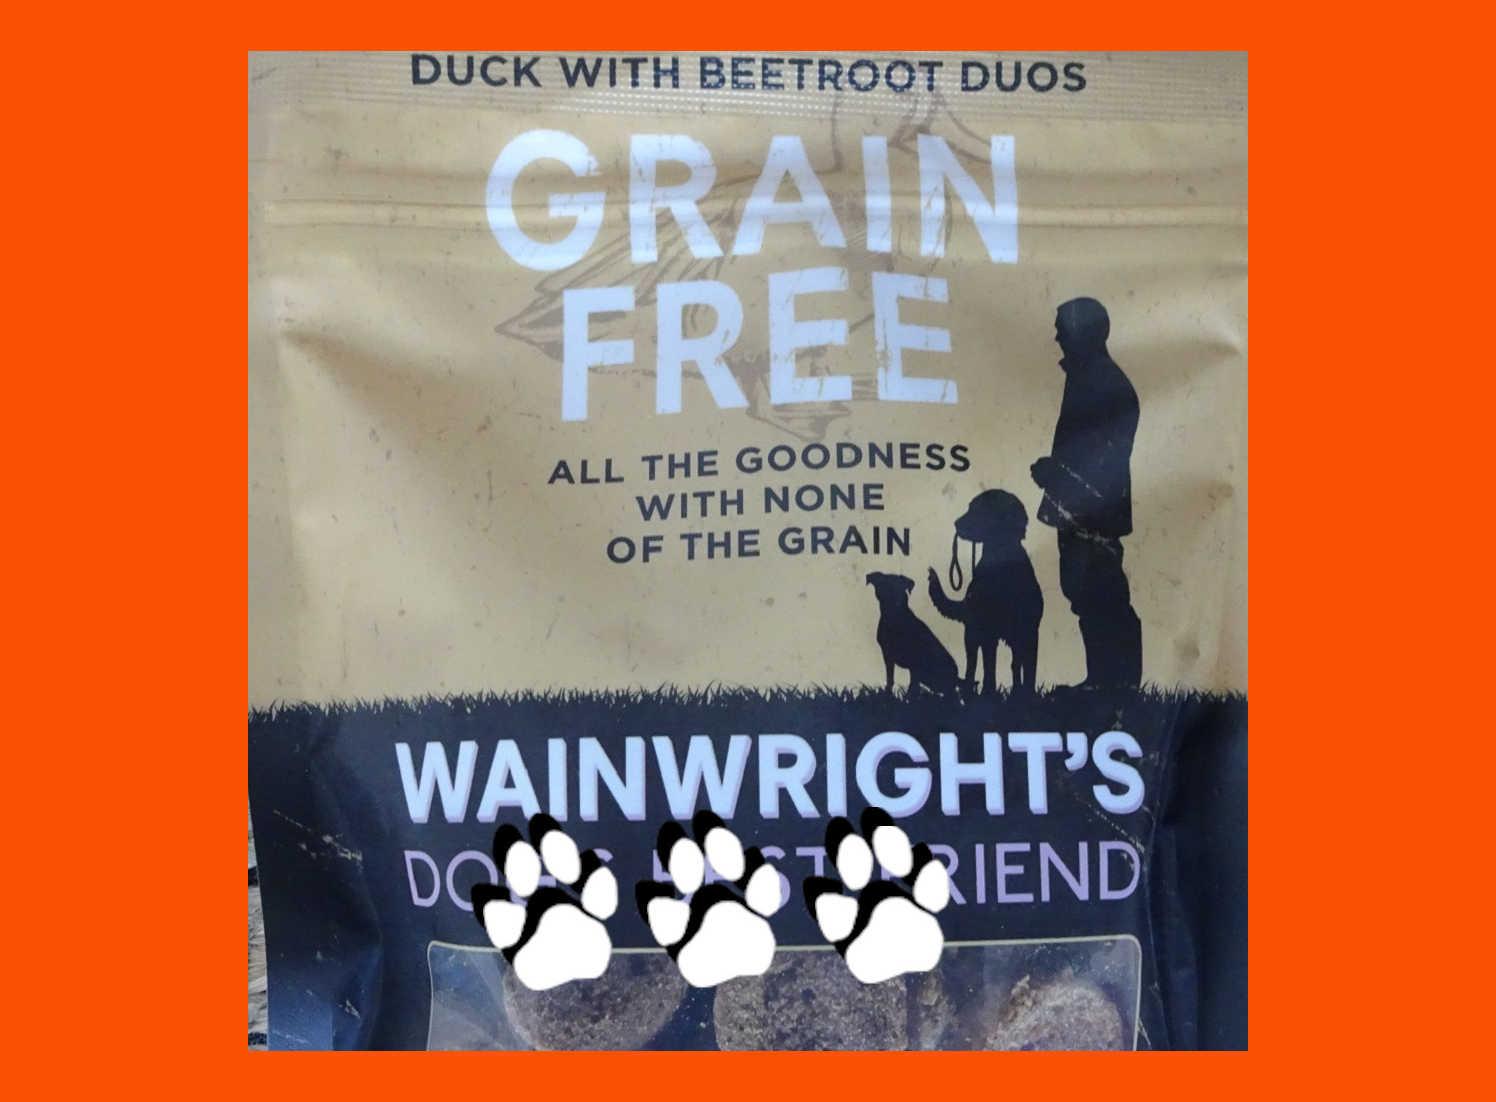 wainwrights-duos 3 paws